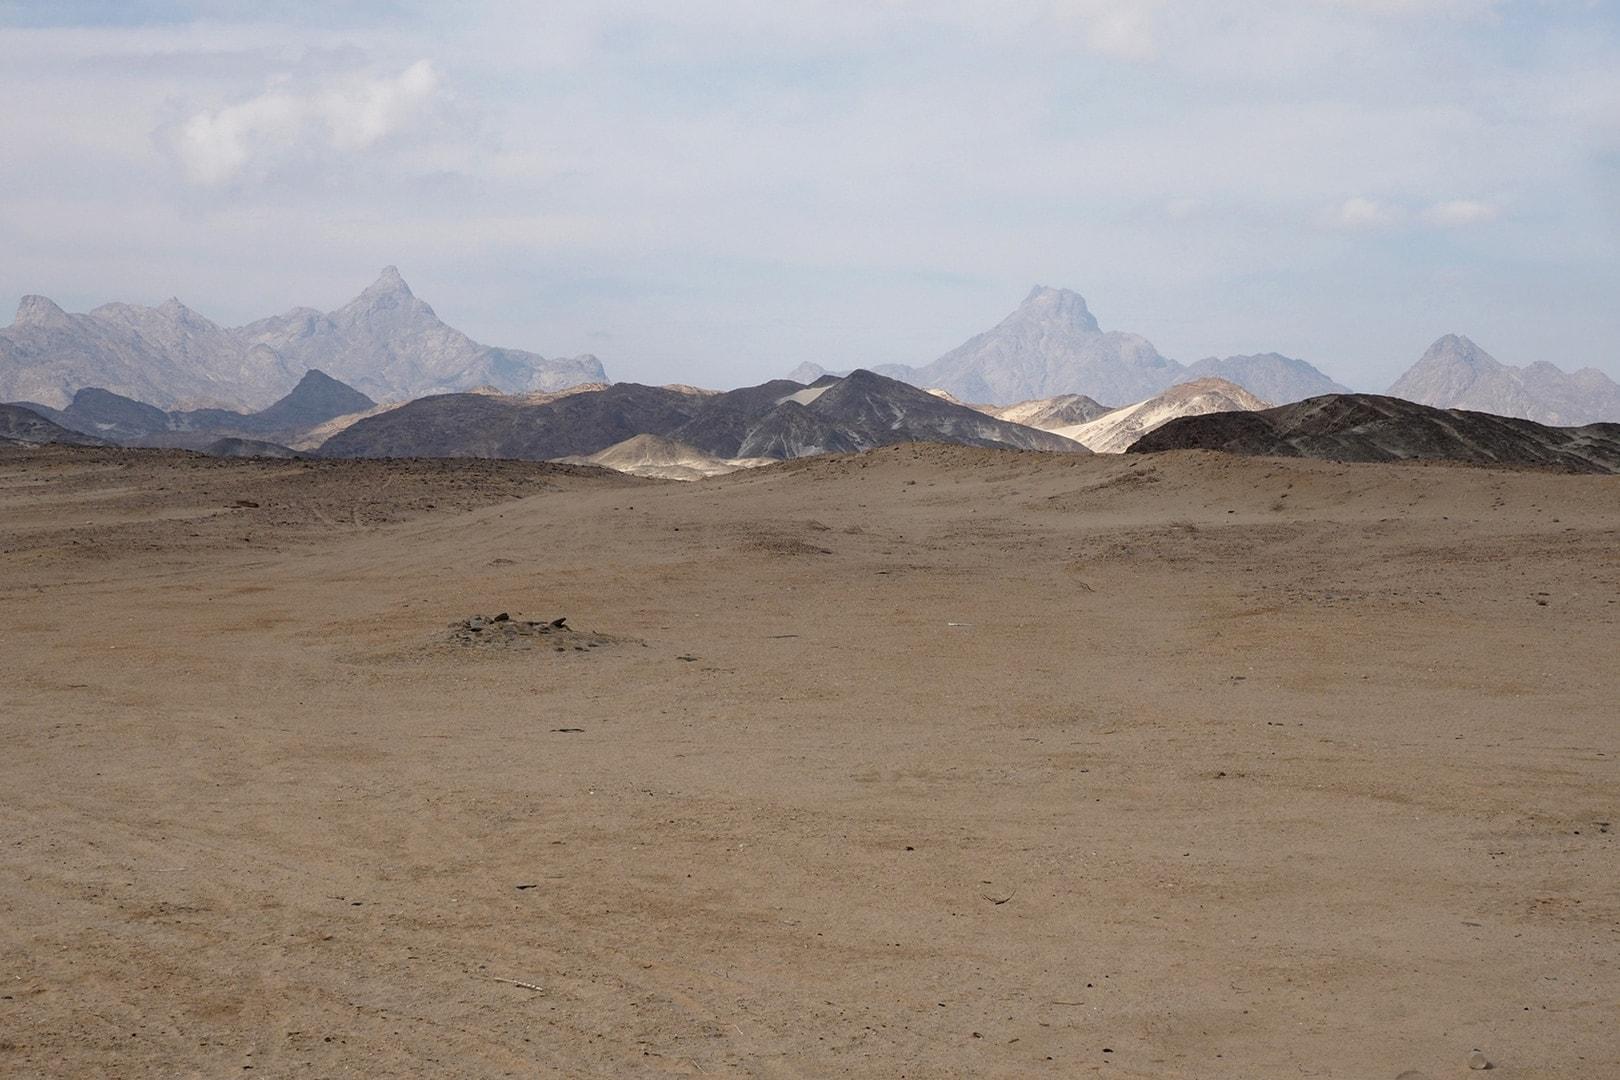 Auf einer Asphaltpiste geht es, von Marsa Alam aus, mit dem Taxi 240 km durch eine Geröllwüste in den Süden.